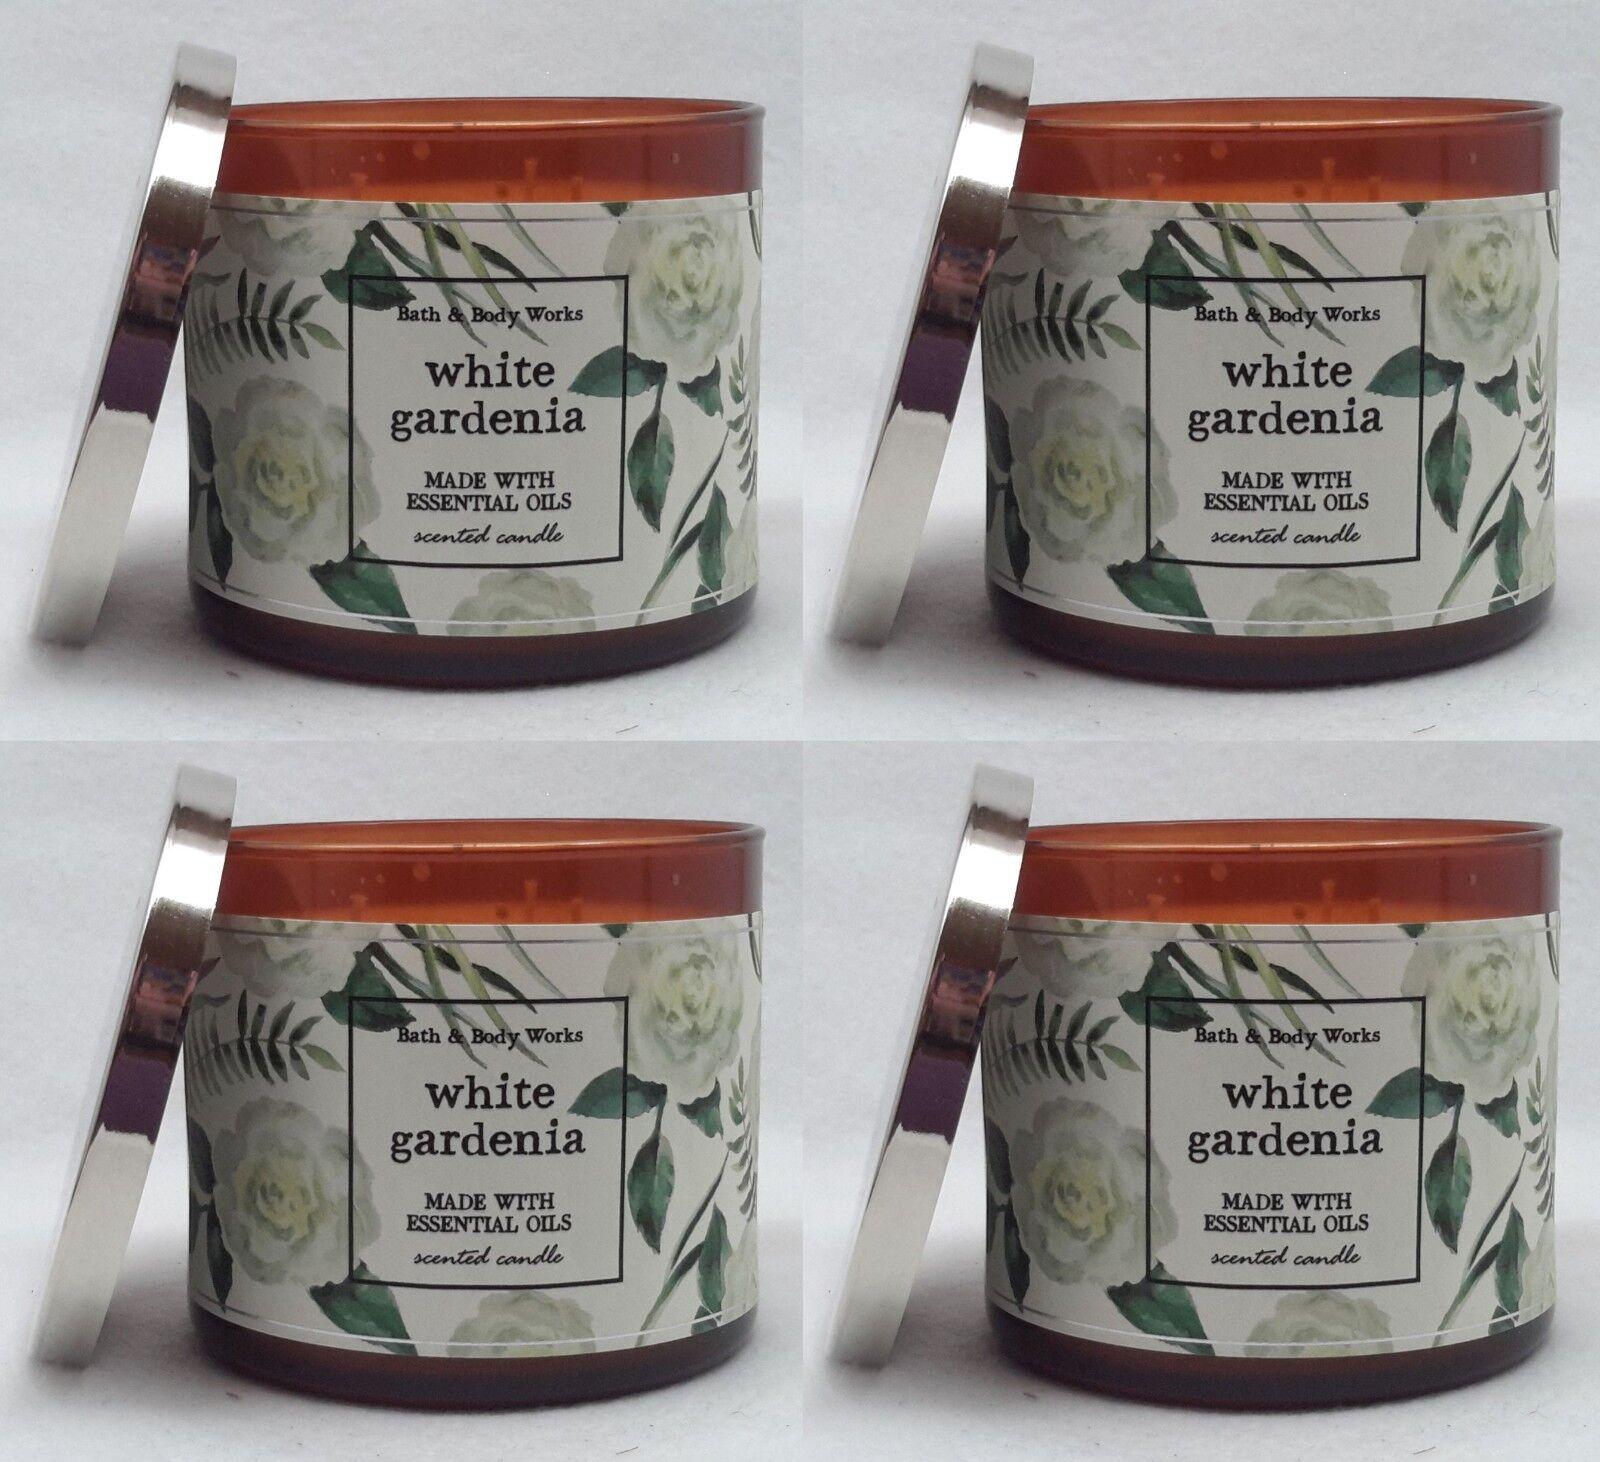 4 Bath & Body Works Weiß GARDENIA 3-Wick Scented Wax Candle 14.5 oz